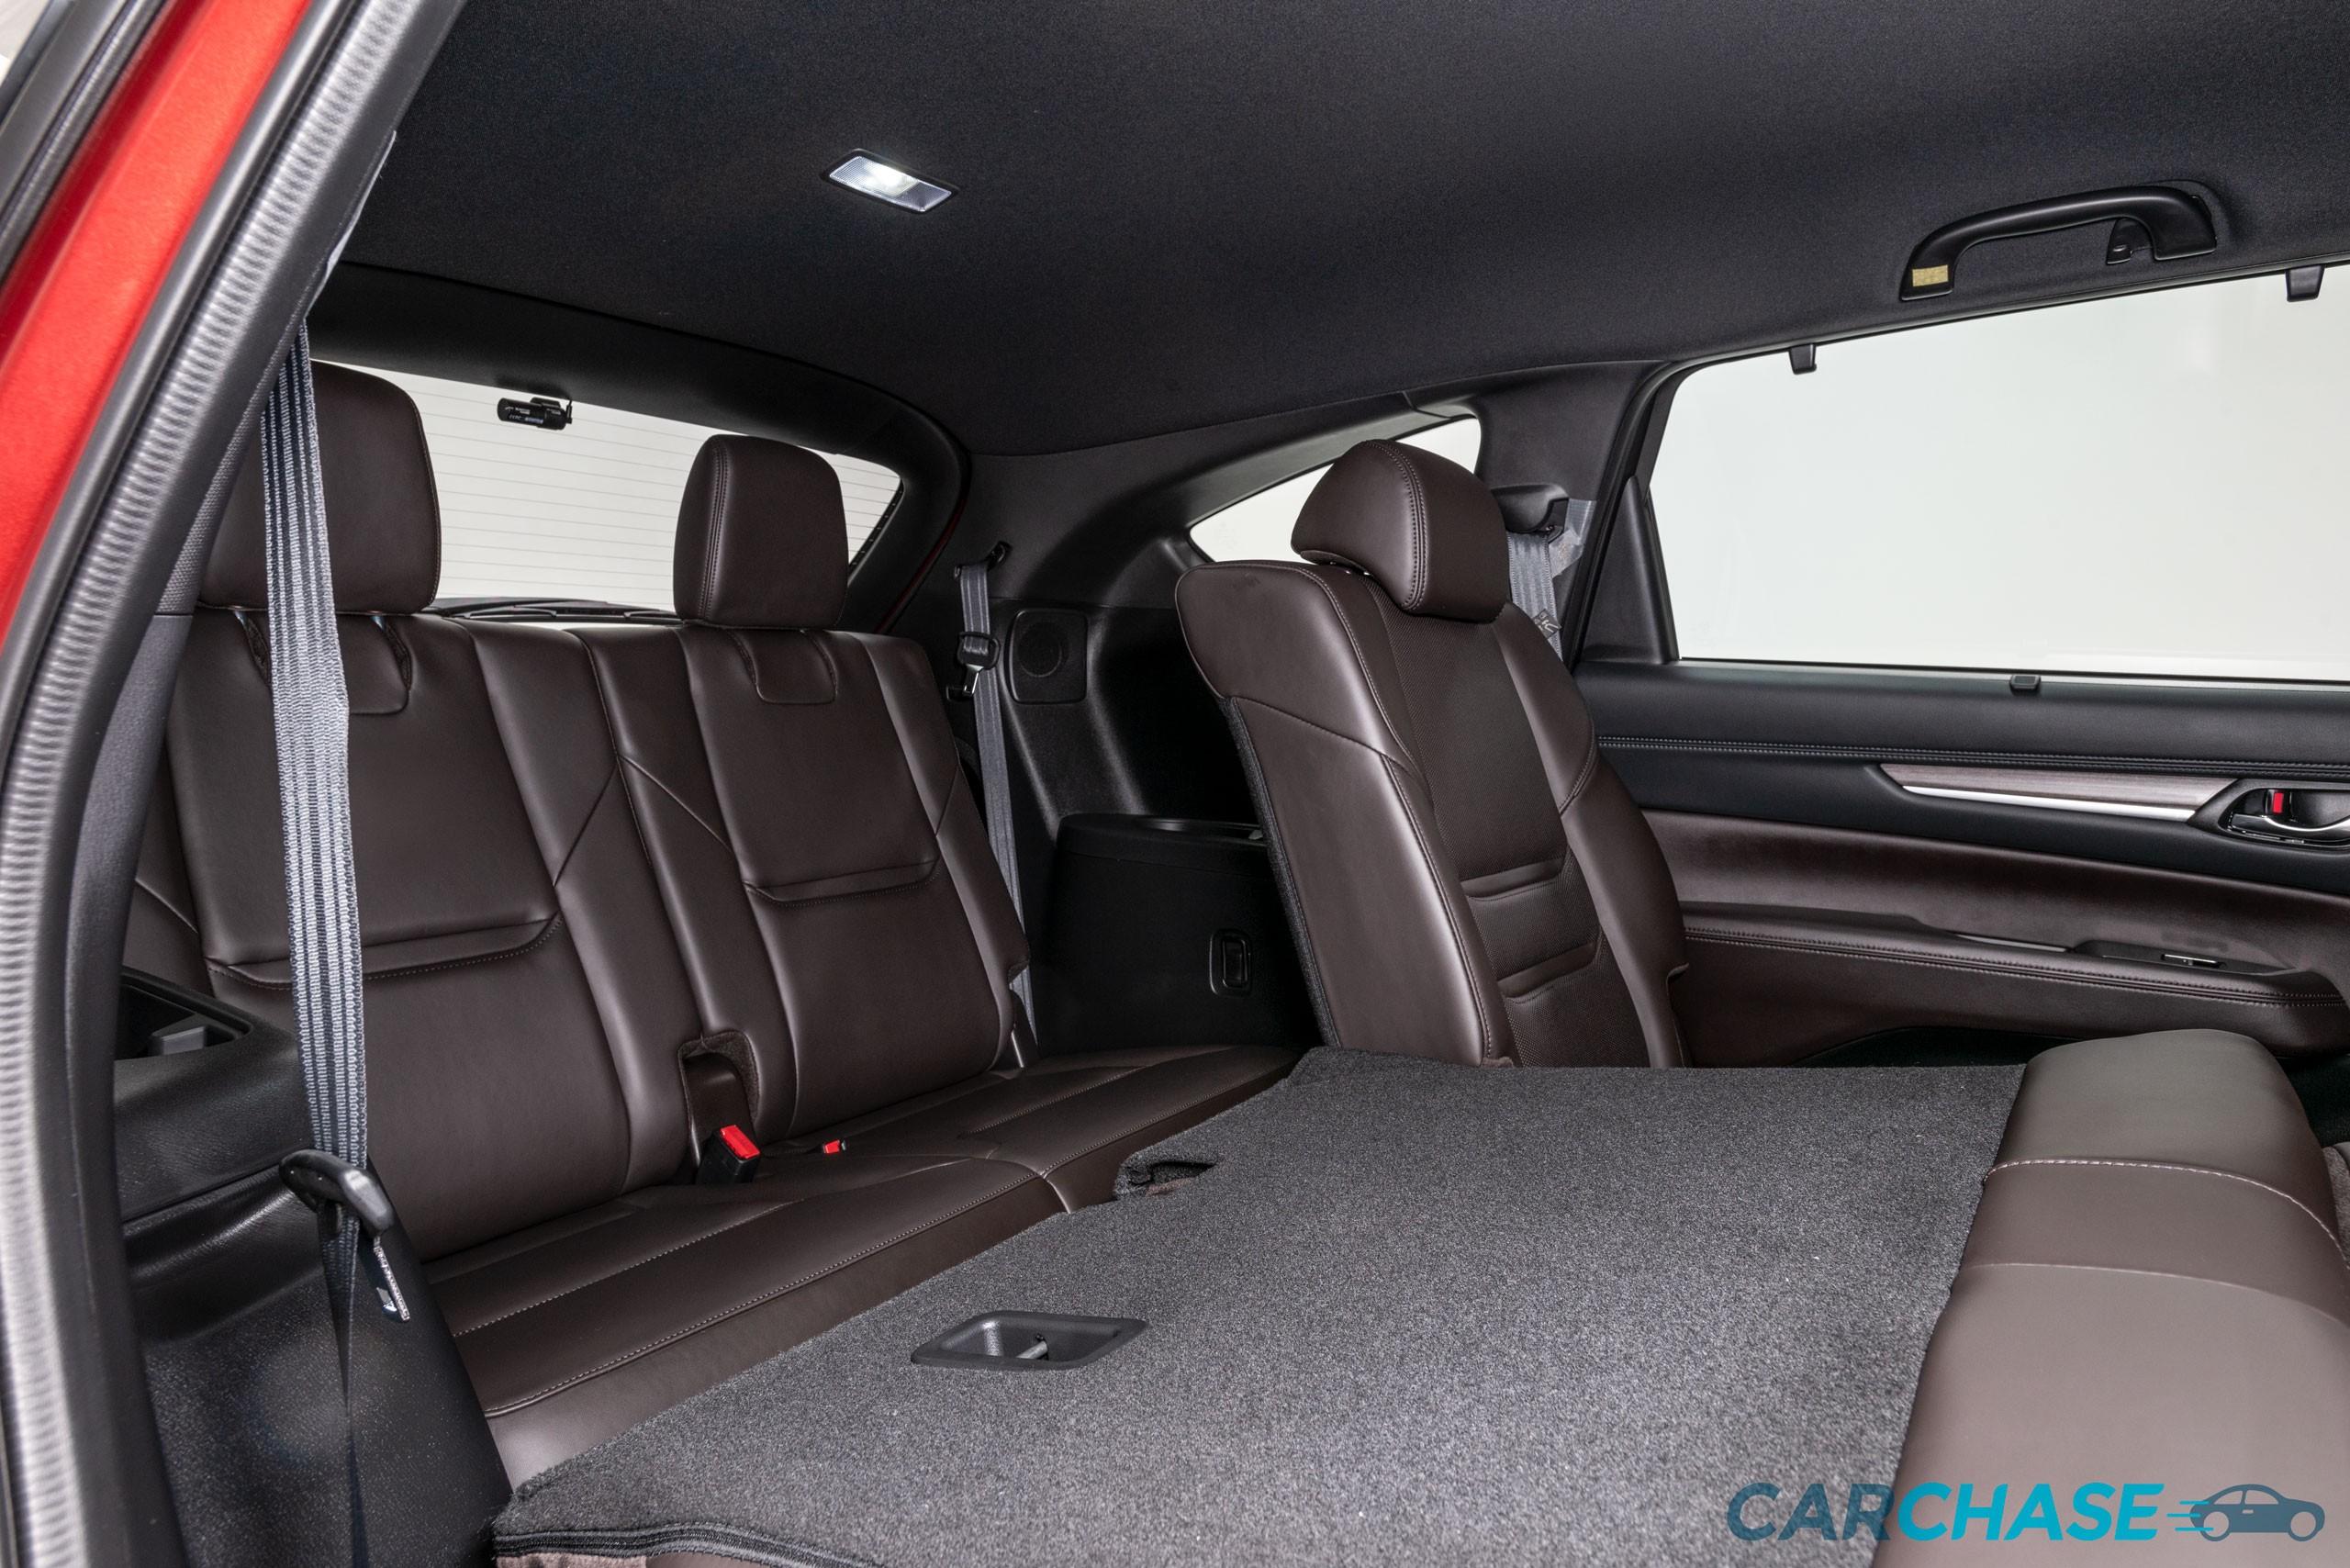 Image of driver rear 2 profile of 2018 Mazda CX-8 Asaki